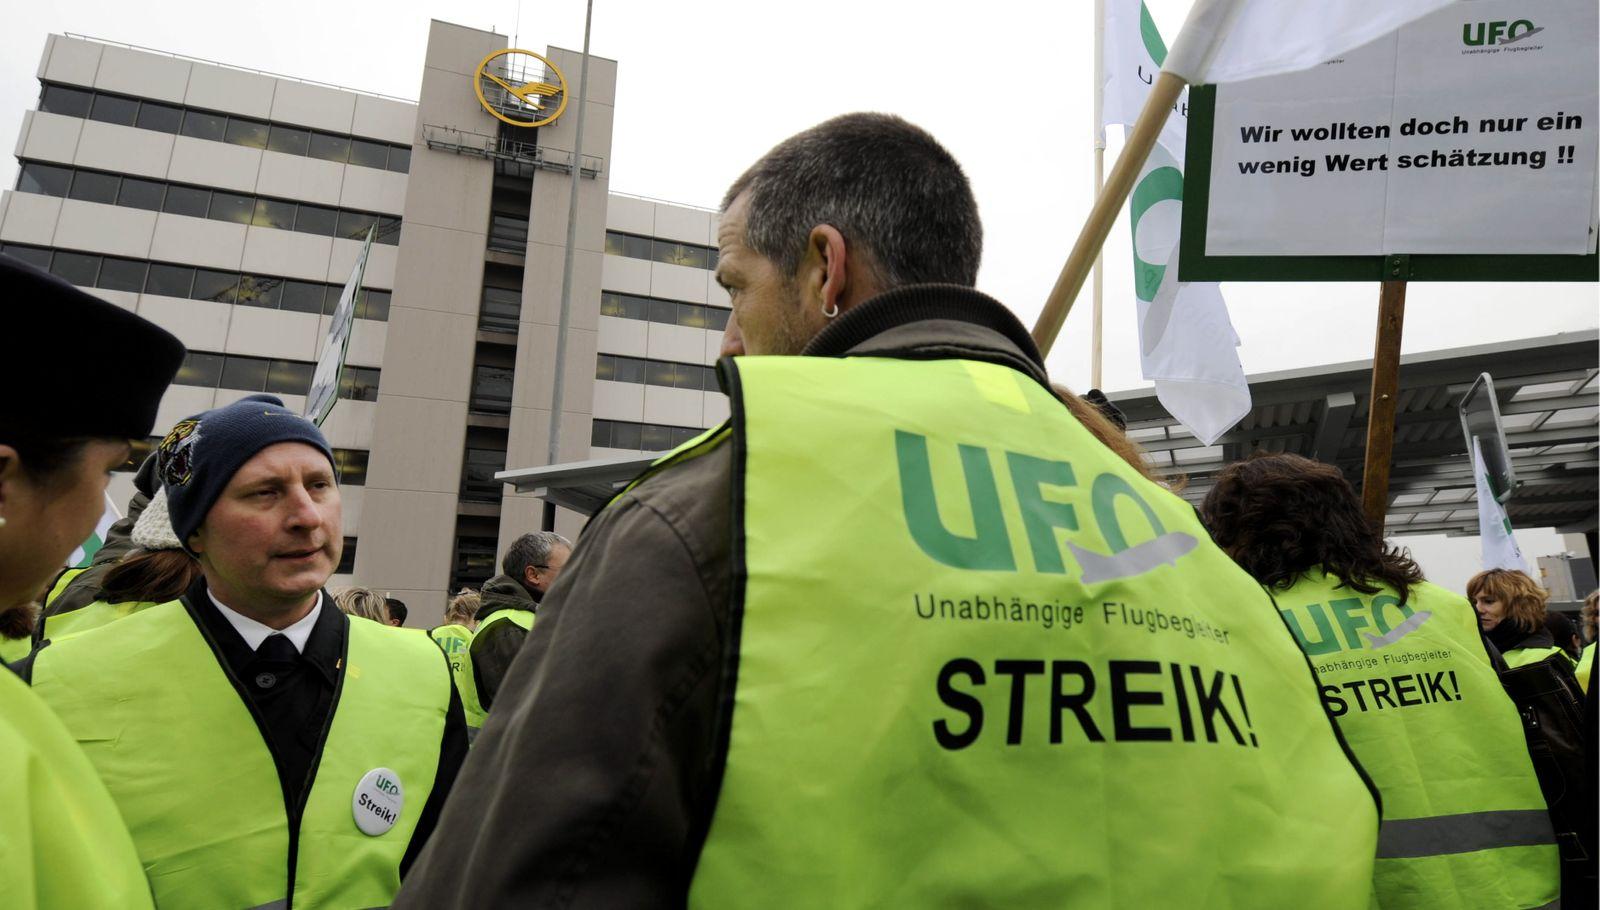 NICHT VERWENDEN Lufthansa / UFO / Streik